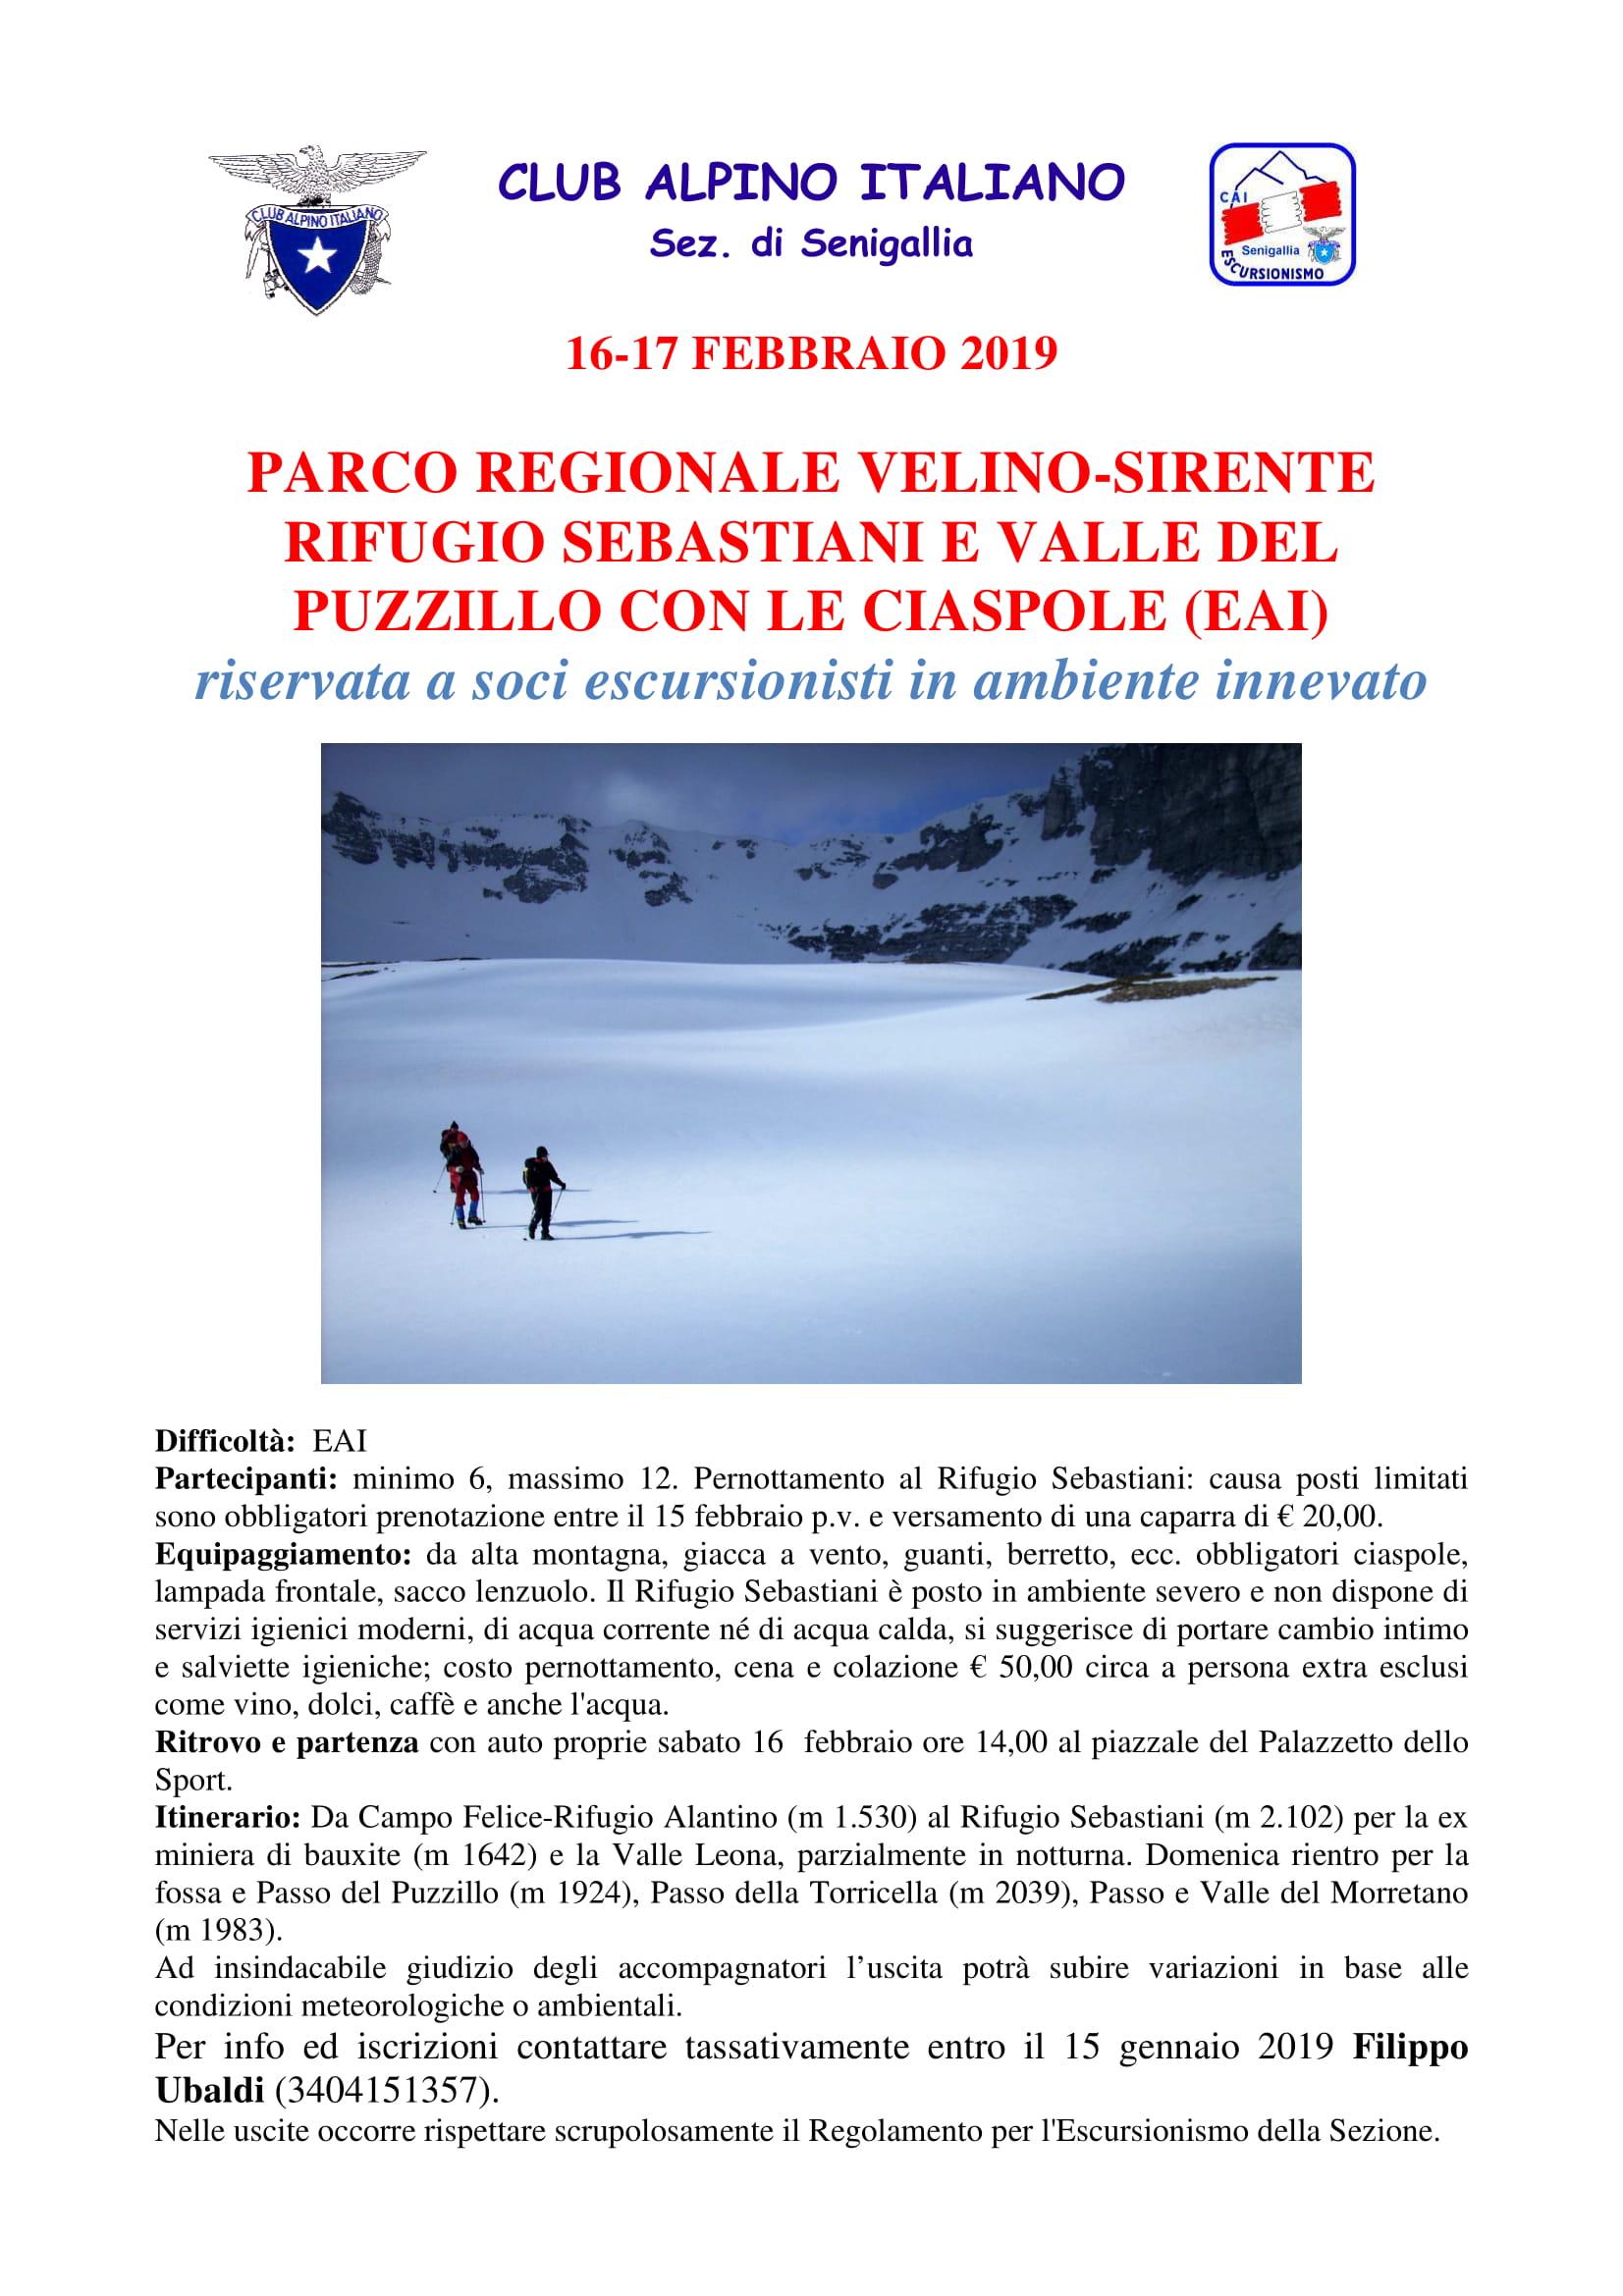 GE - RIFUGIO SEBASTIANI E VALLE DEL PUZZILLO CON LE CIASPOLE (EAI) @ Parco del Velino-Sirente